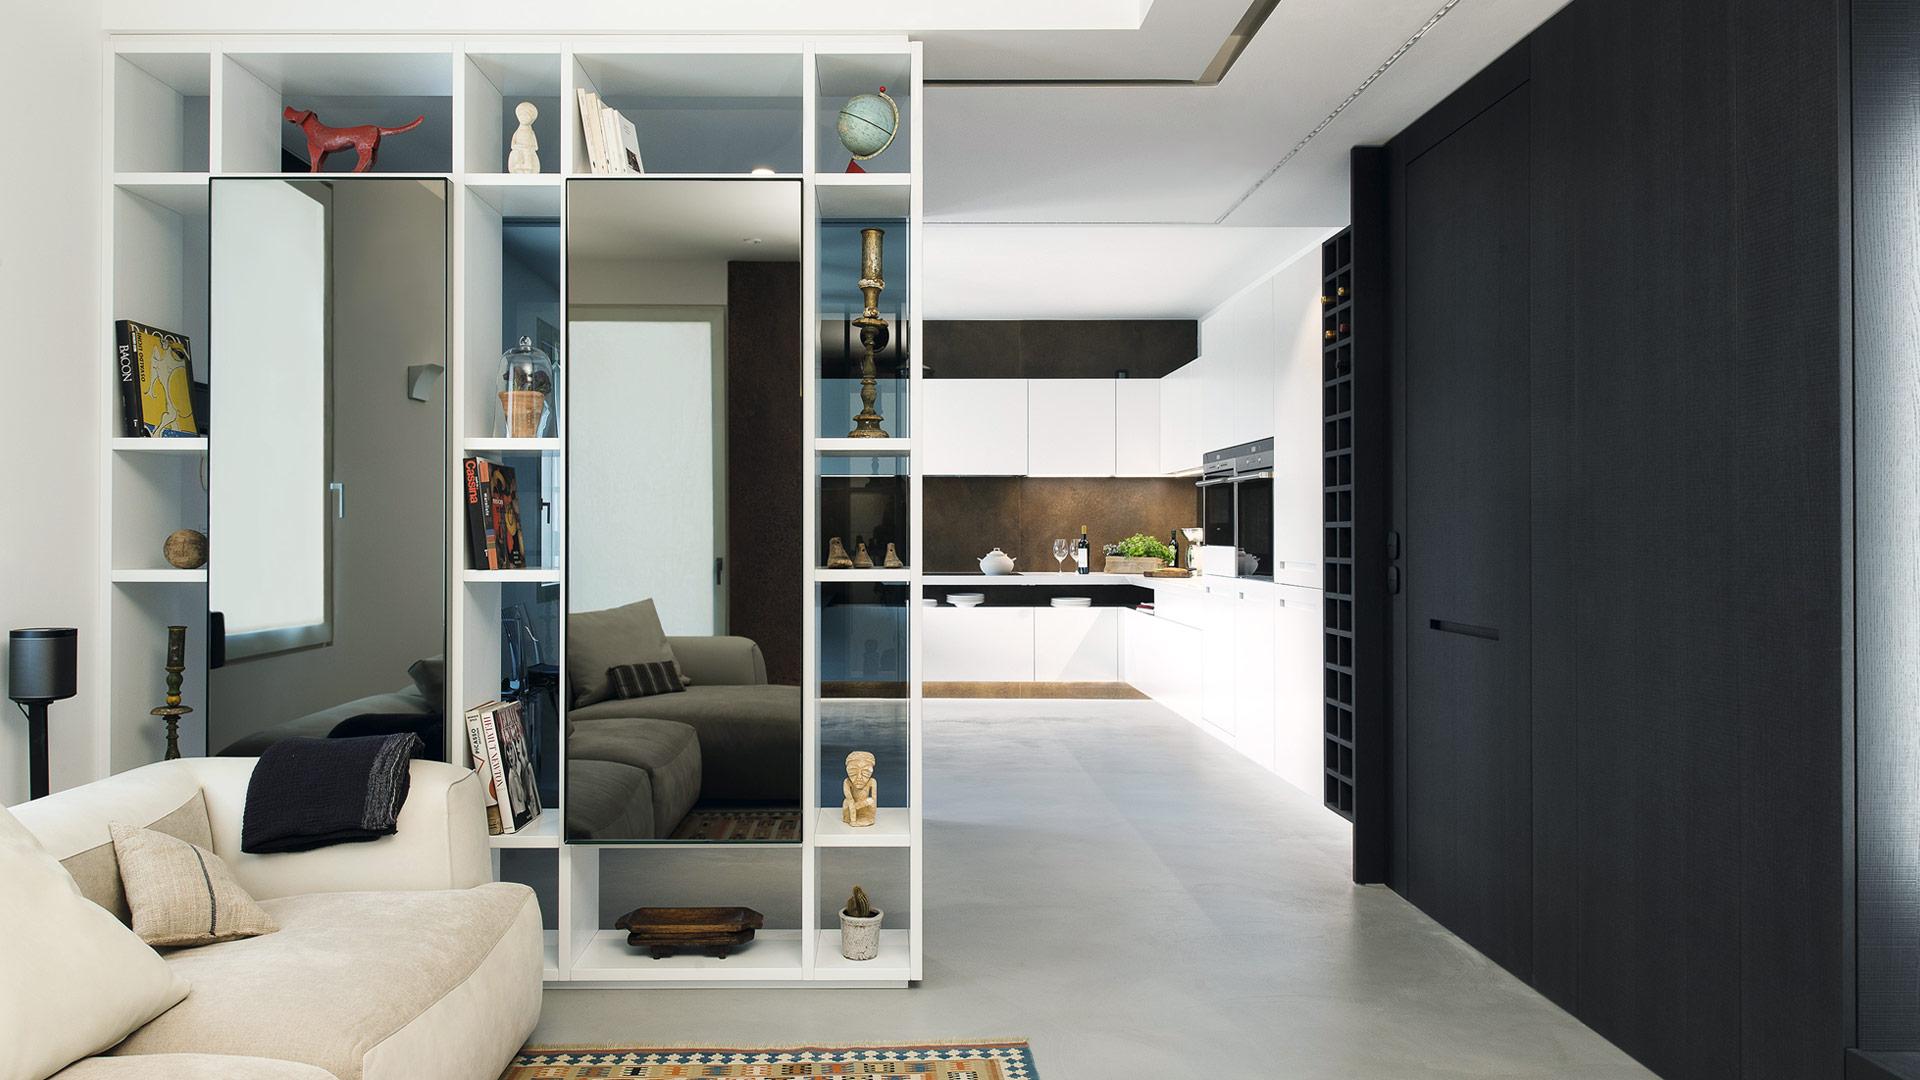 Cucina living sospesa open space realizzata su progetto for Cucina open space con pilastri